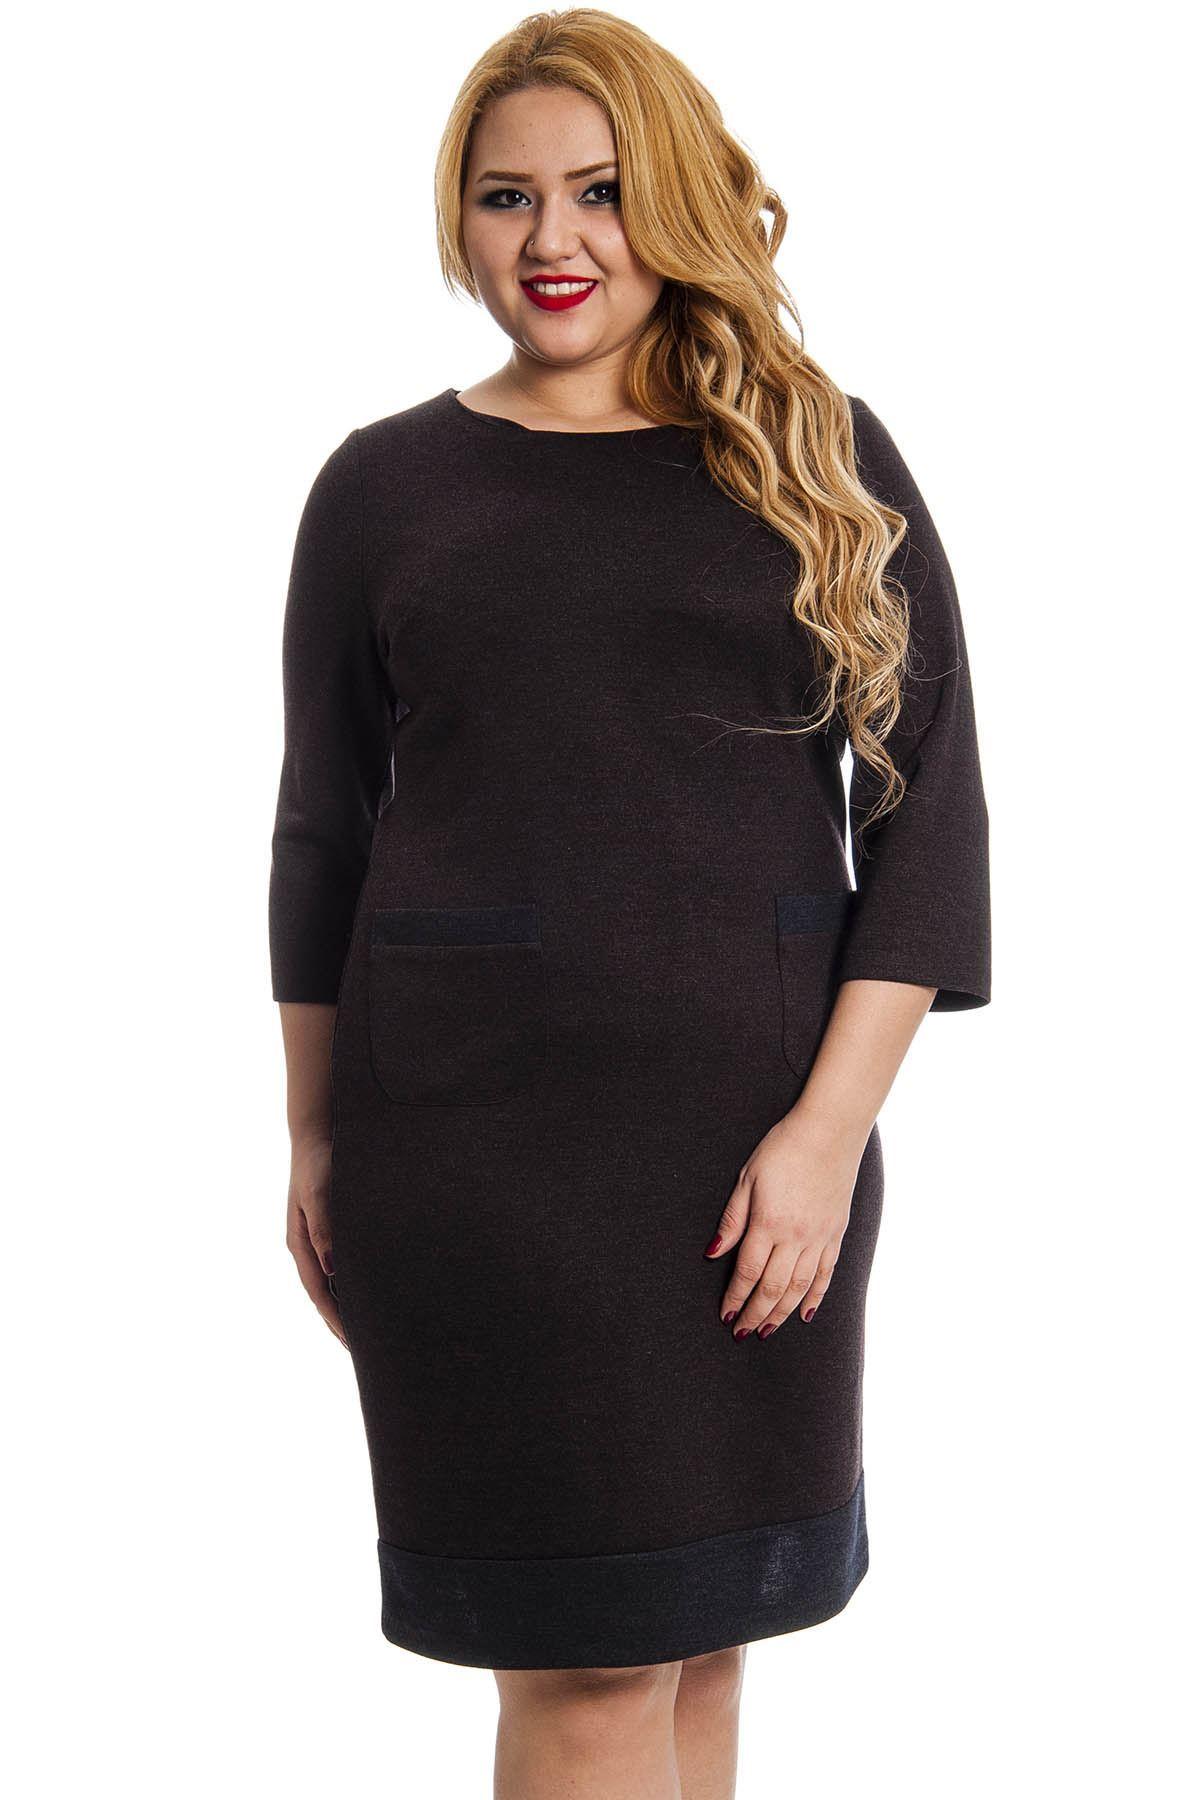 Kahverengi Cepli Kadın Elbise G4-127370